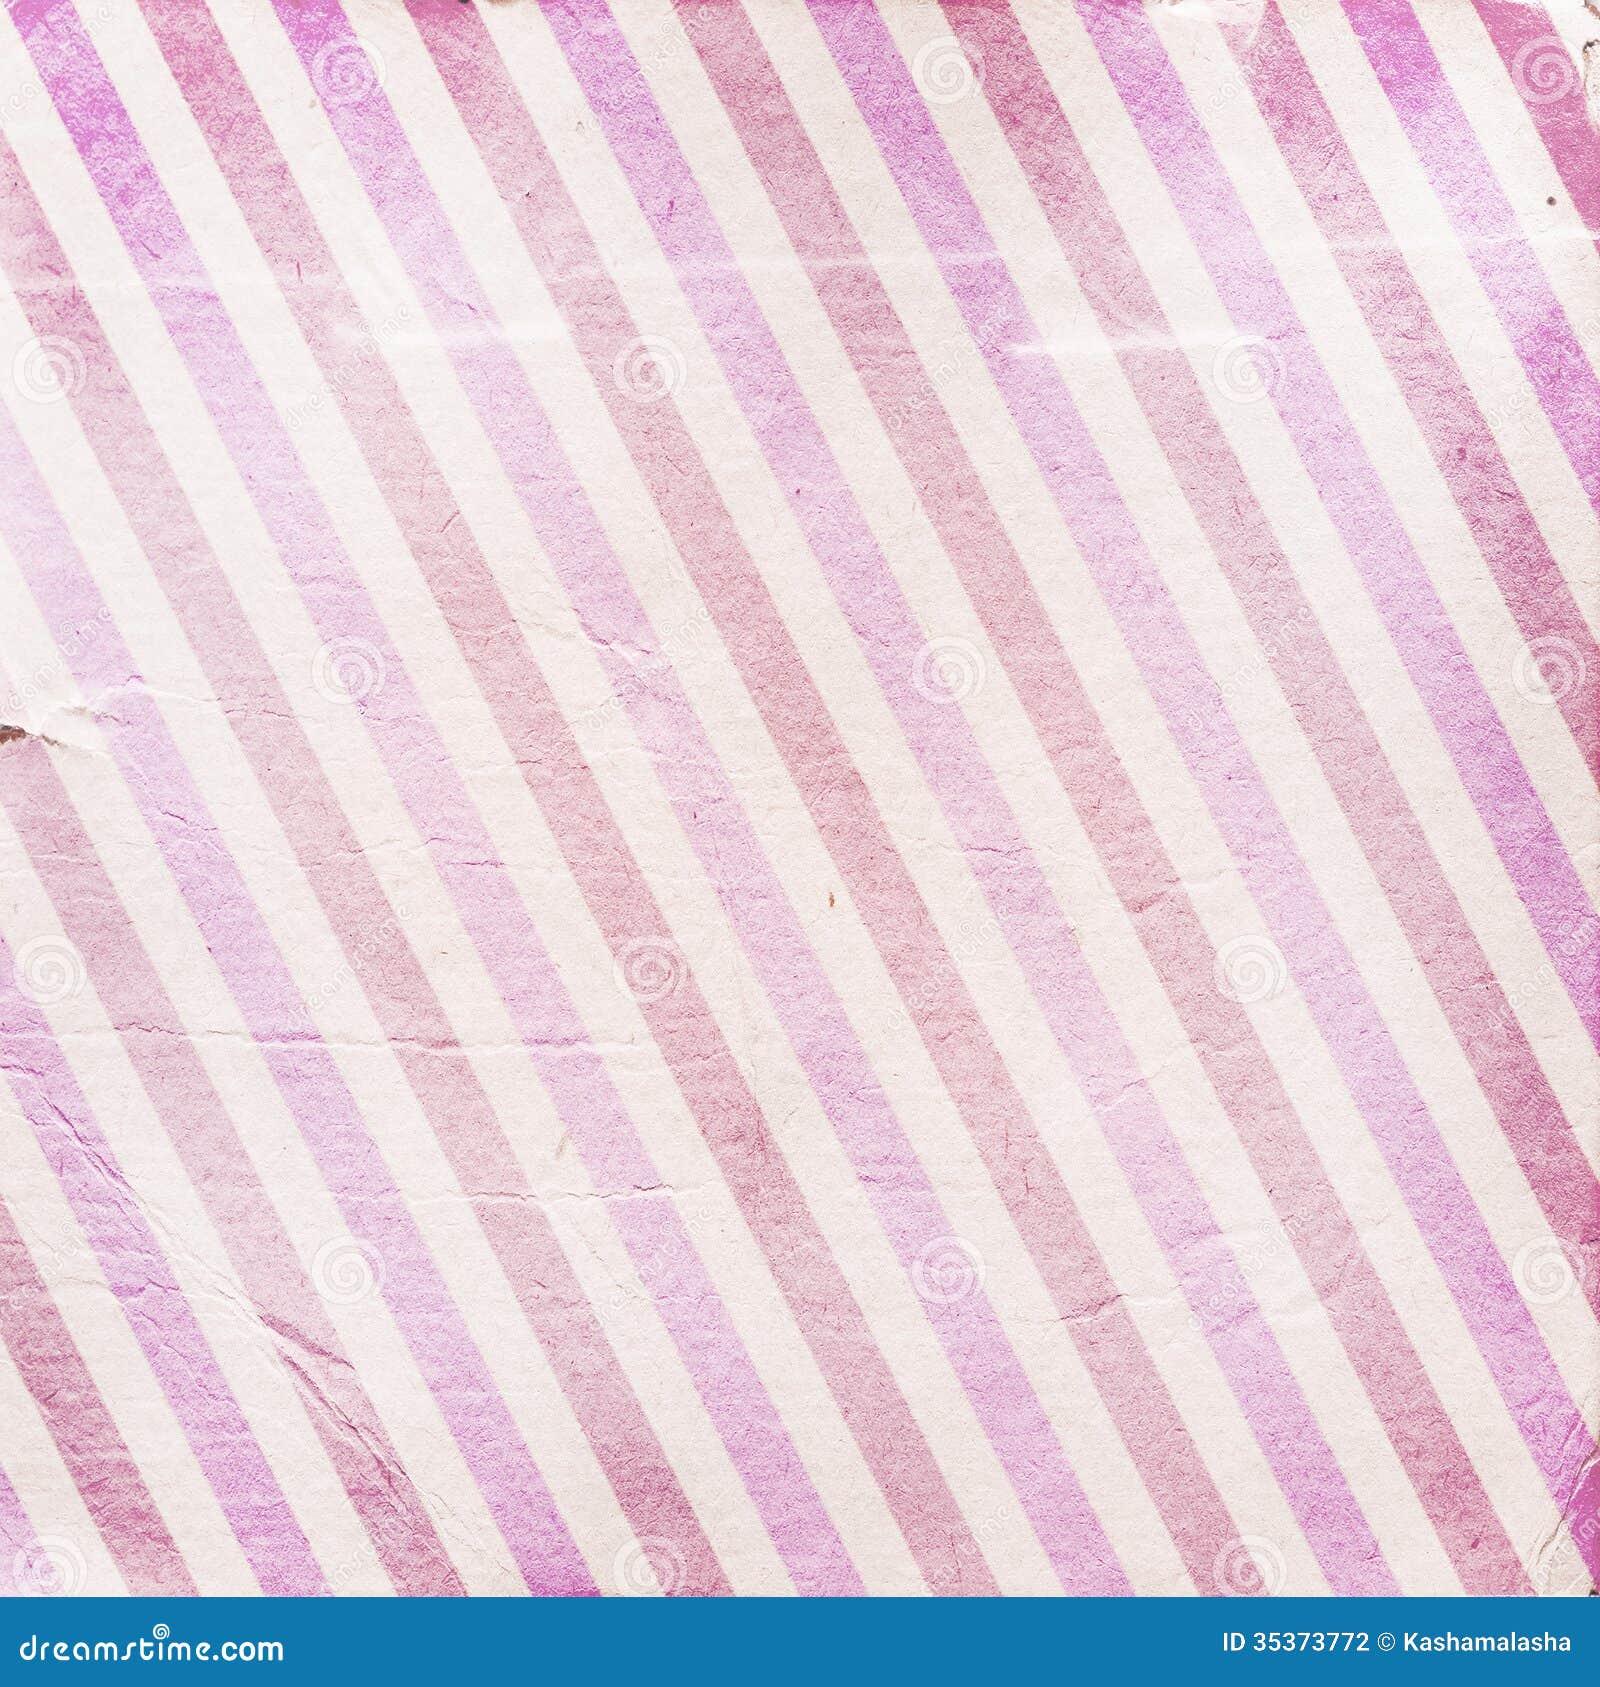 Pink Striped Wallpaper Diagonal